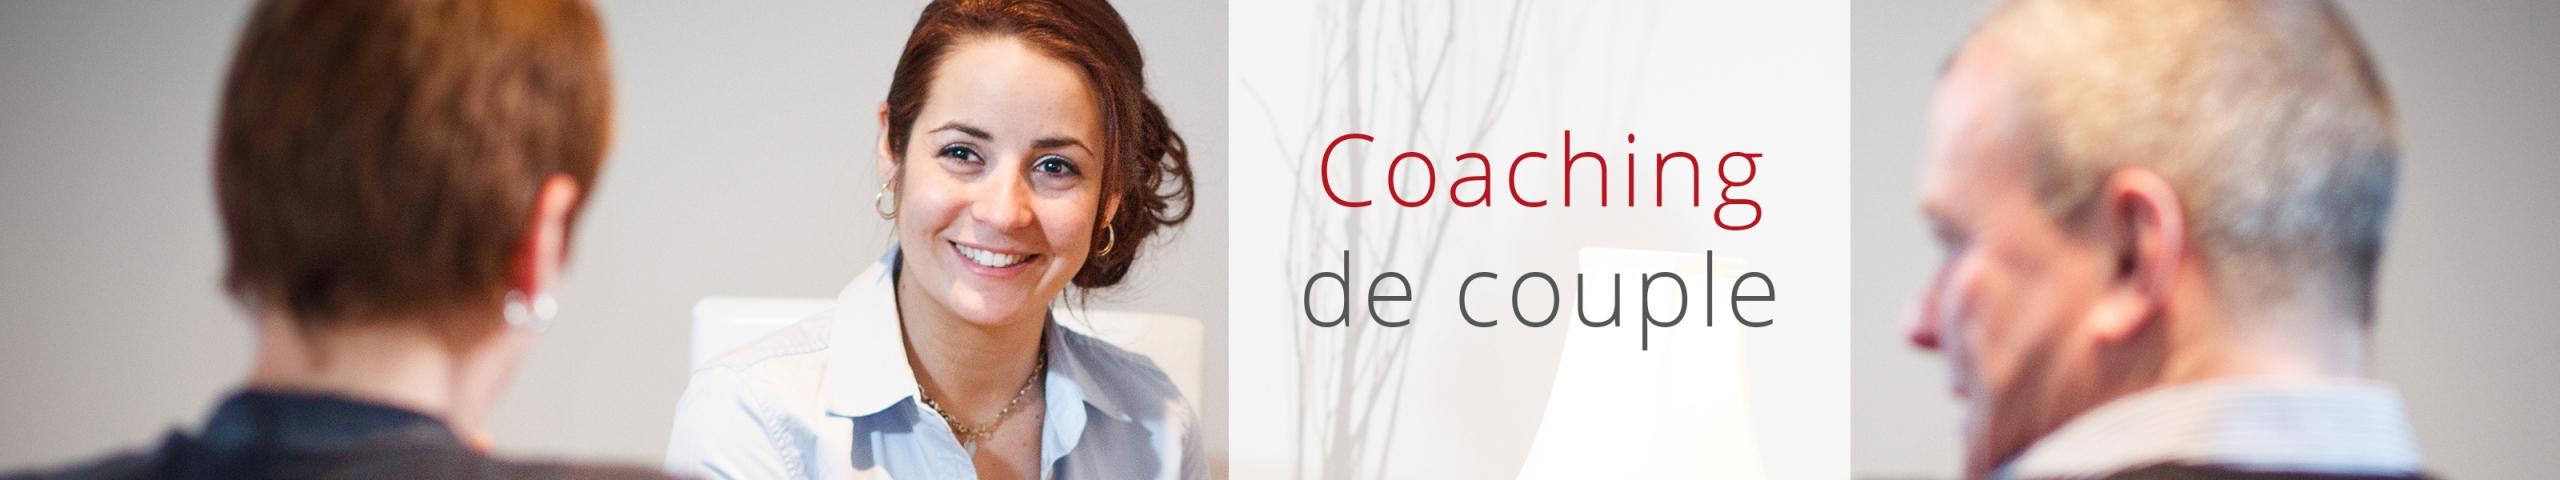 coaching de couple